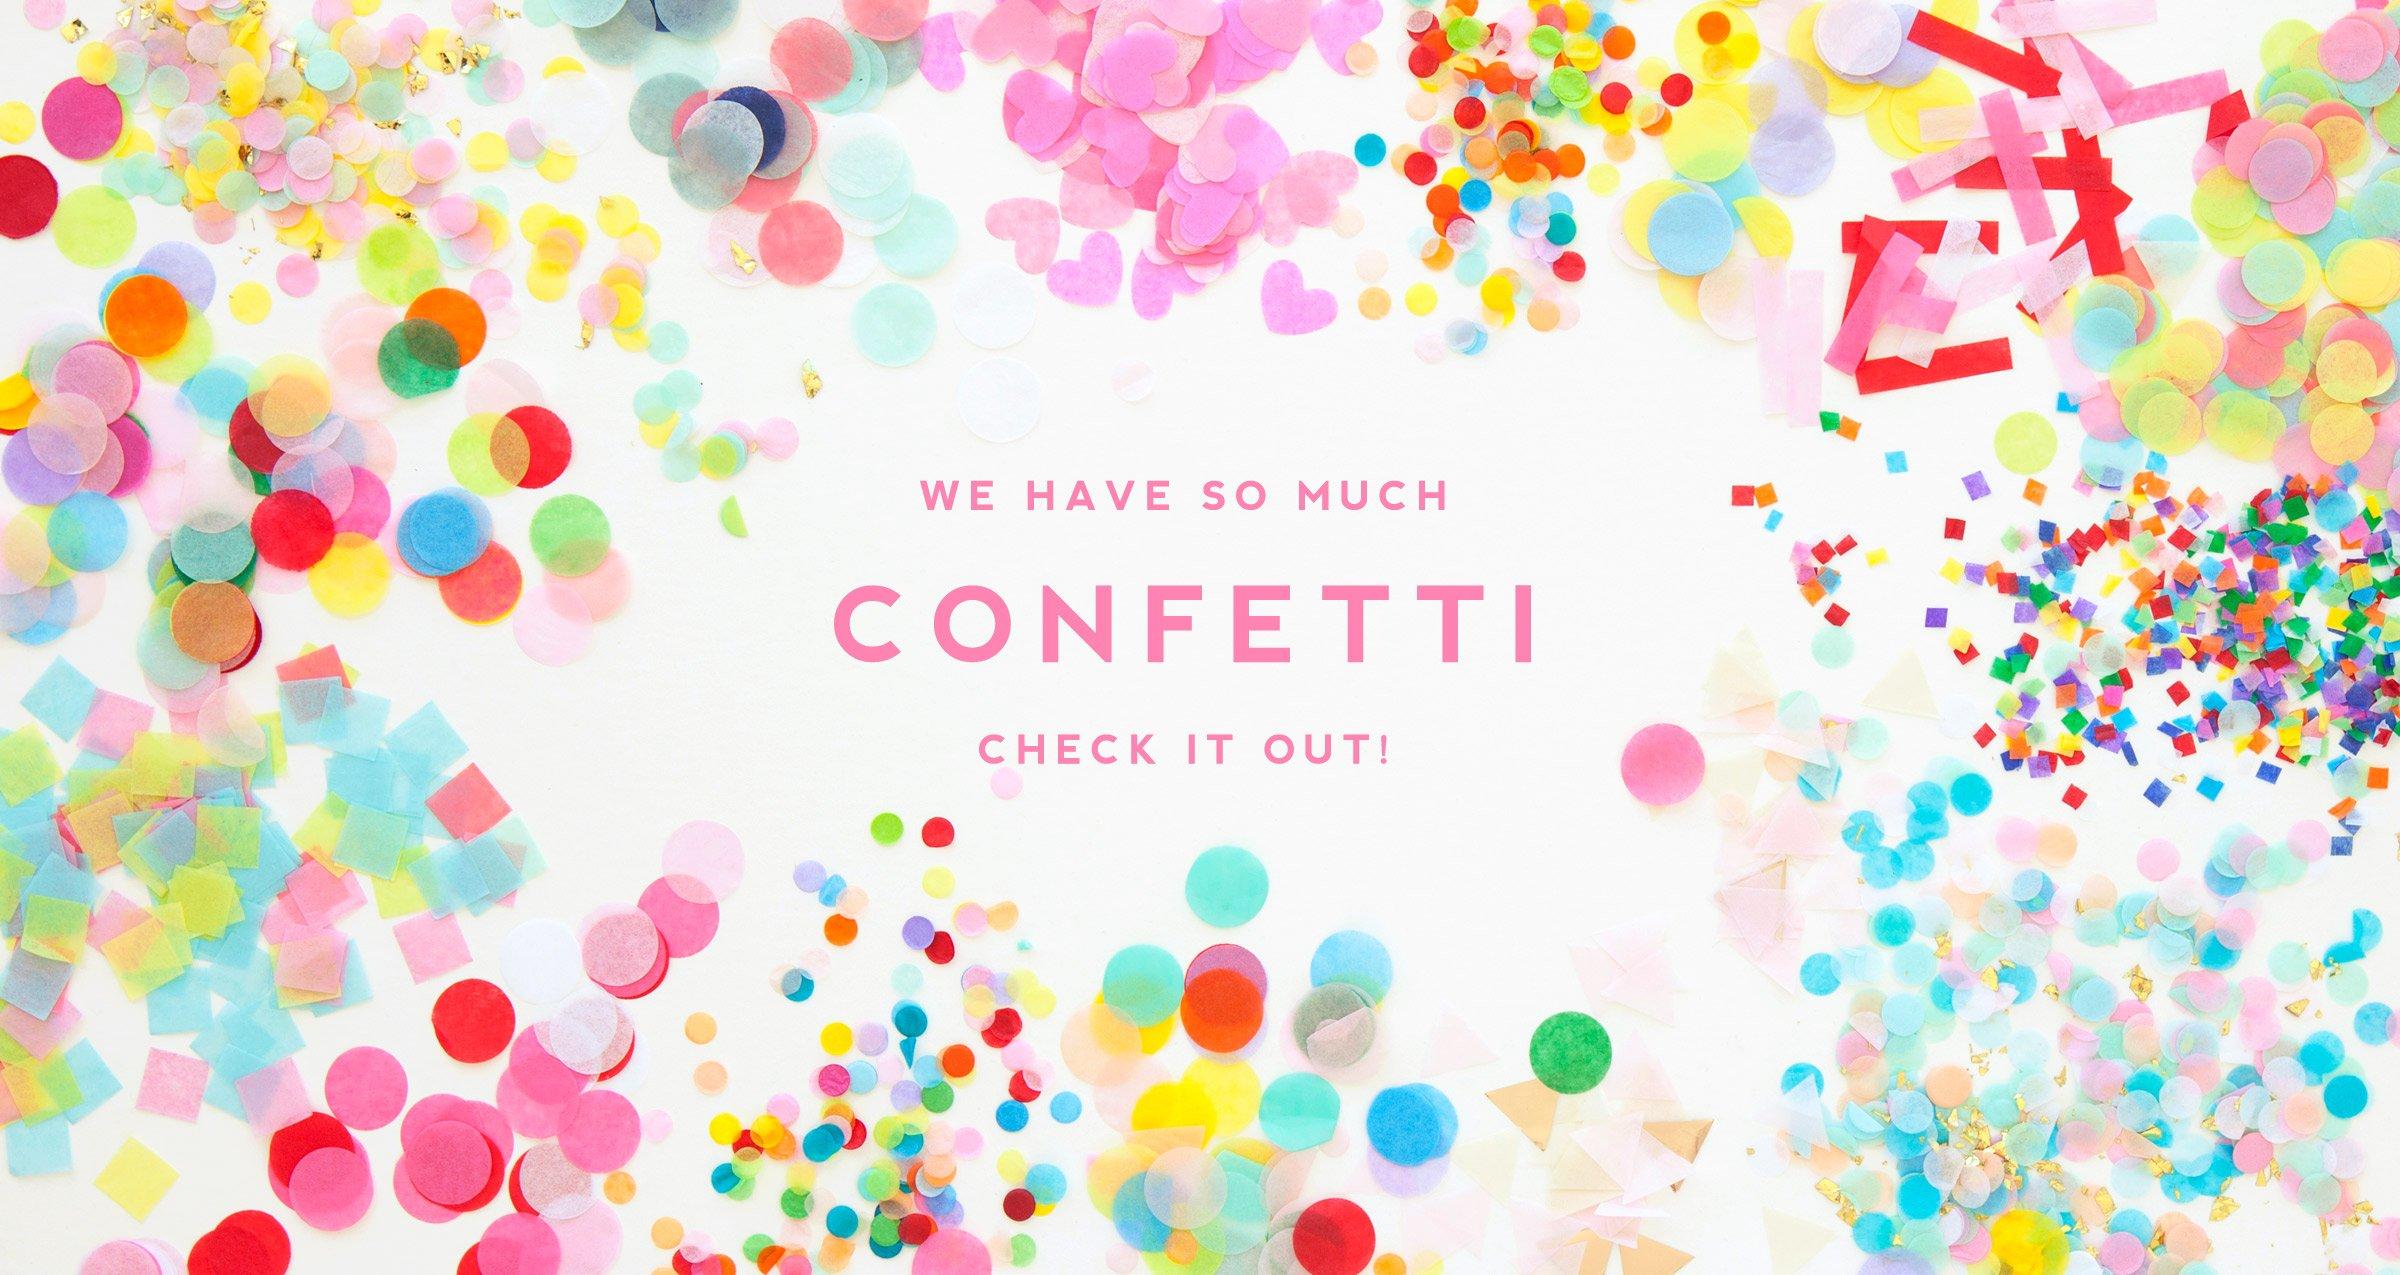 Confetti Home Page